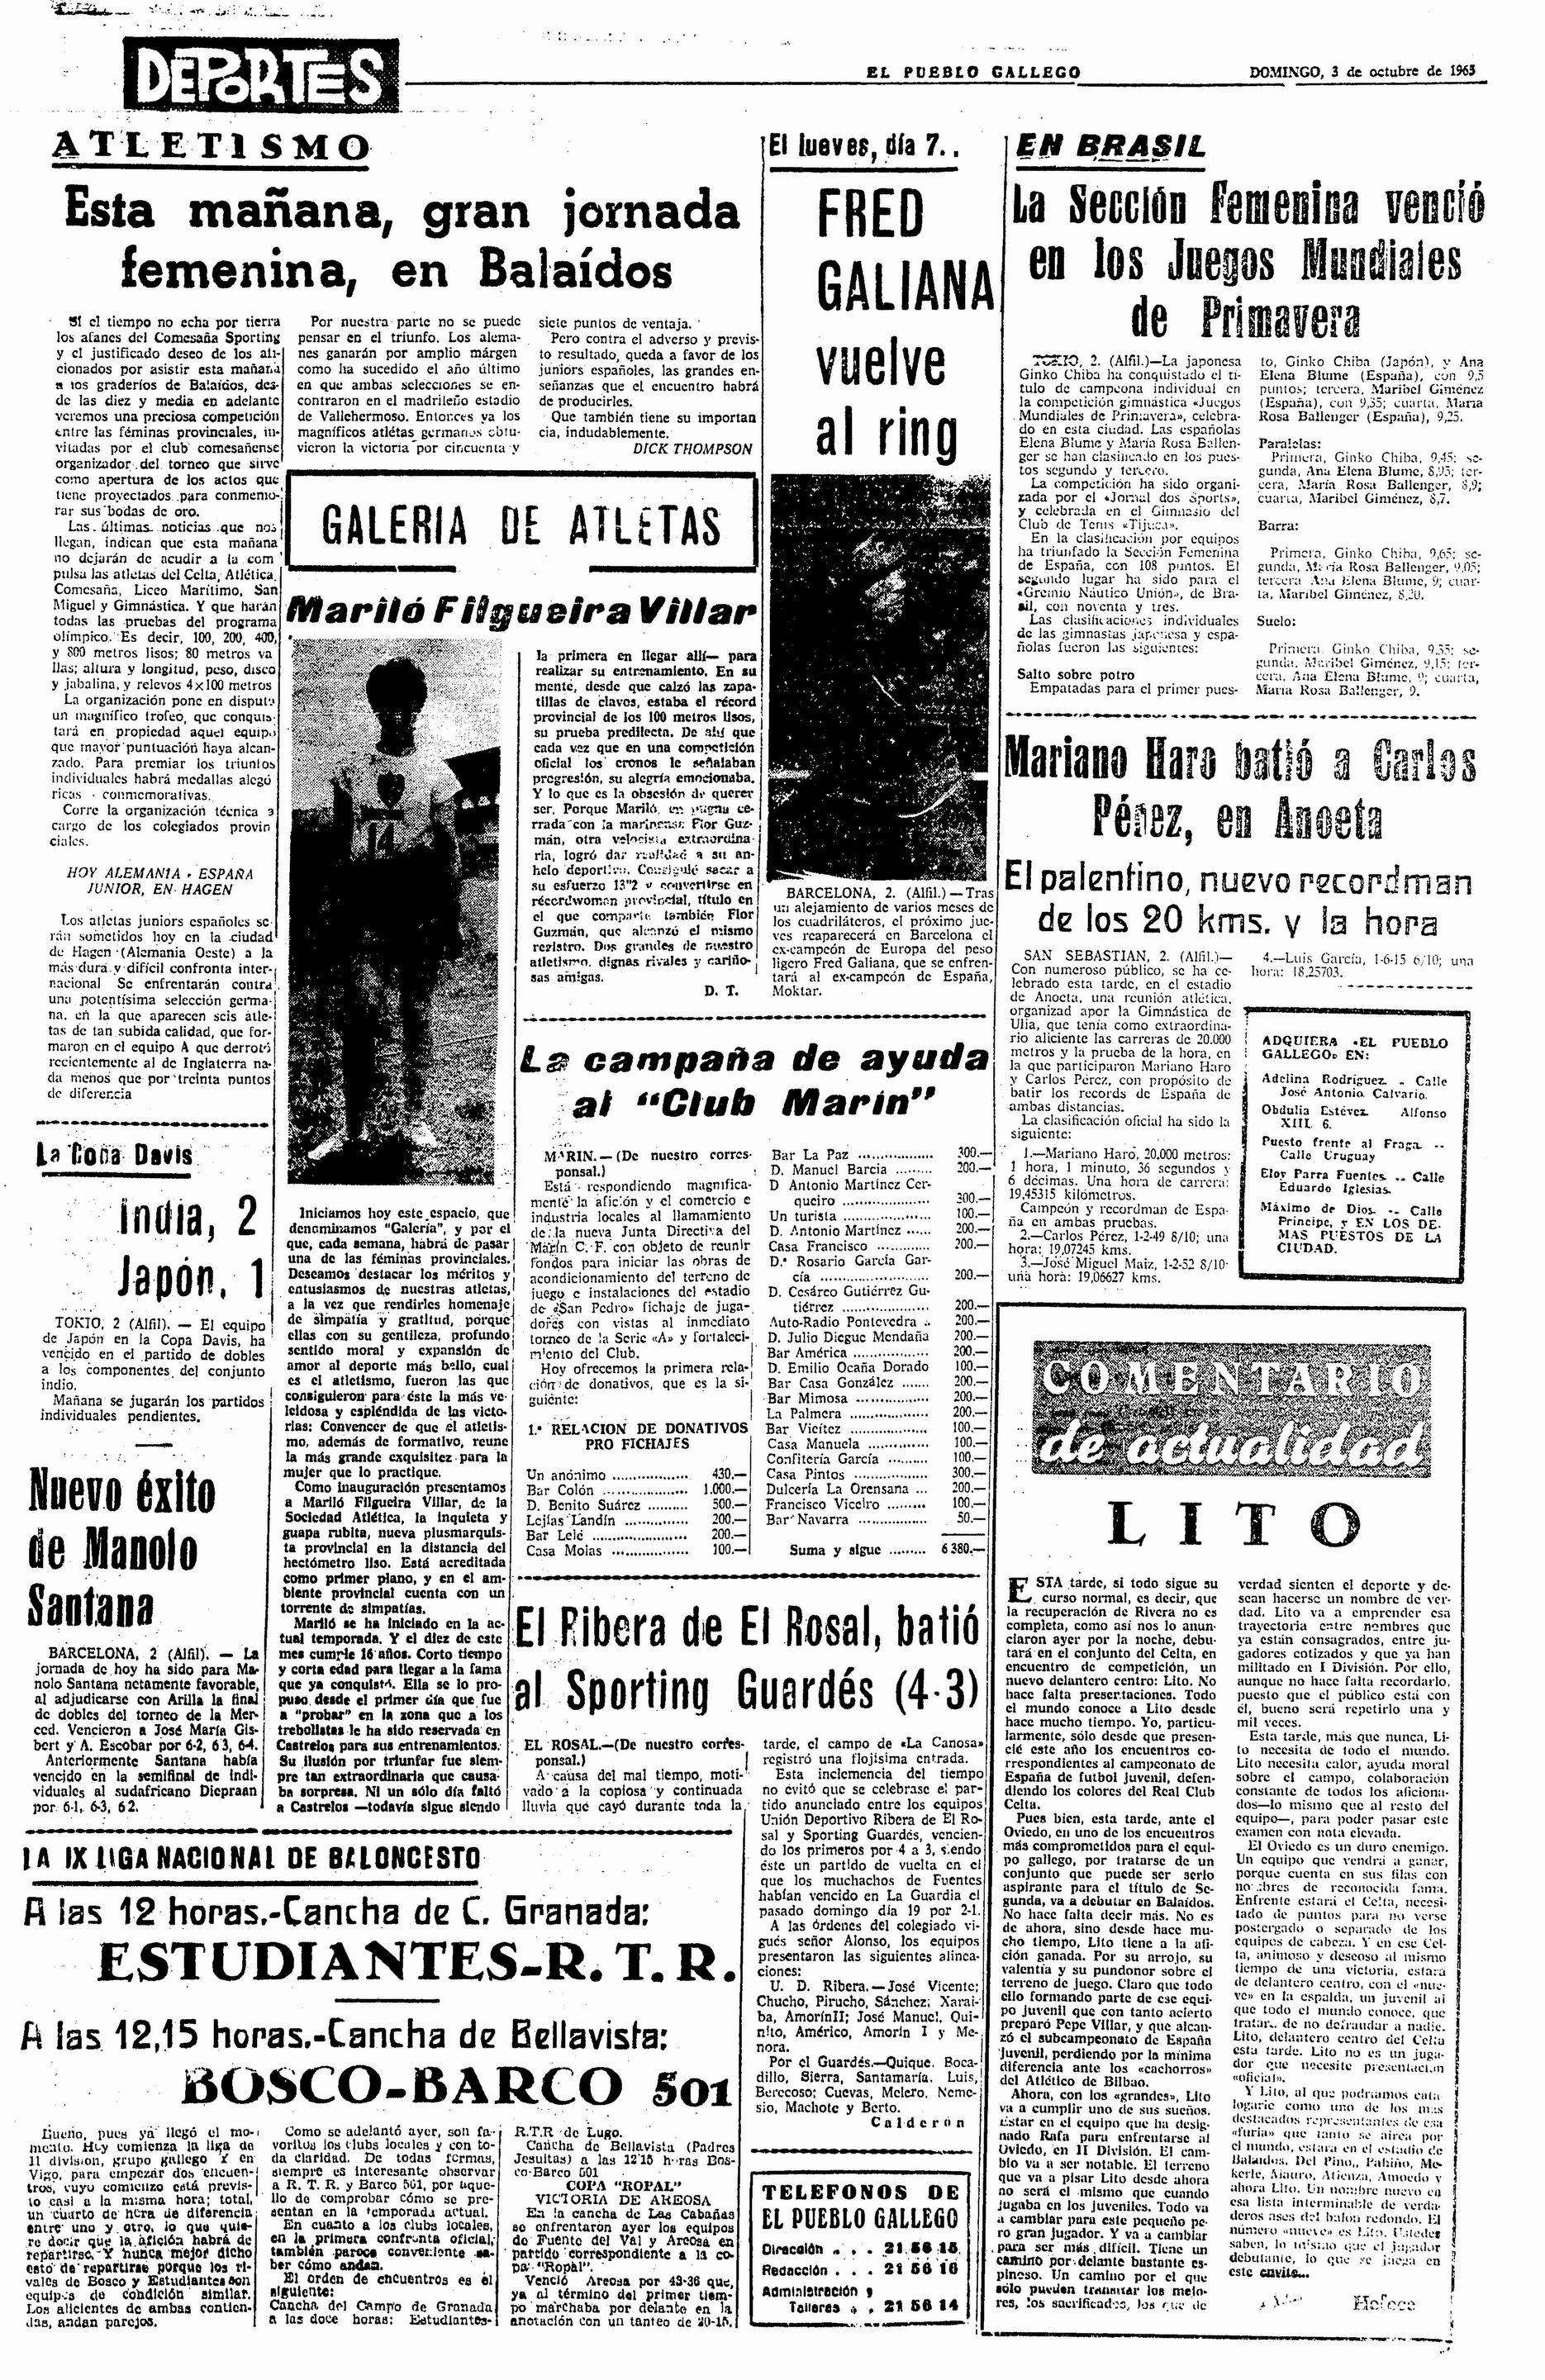 El Pueblo Gallego 03-10-1965